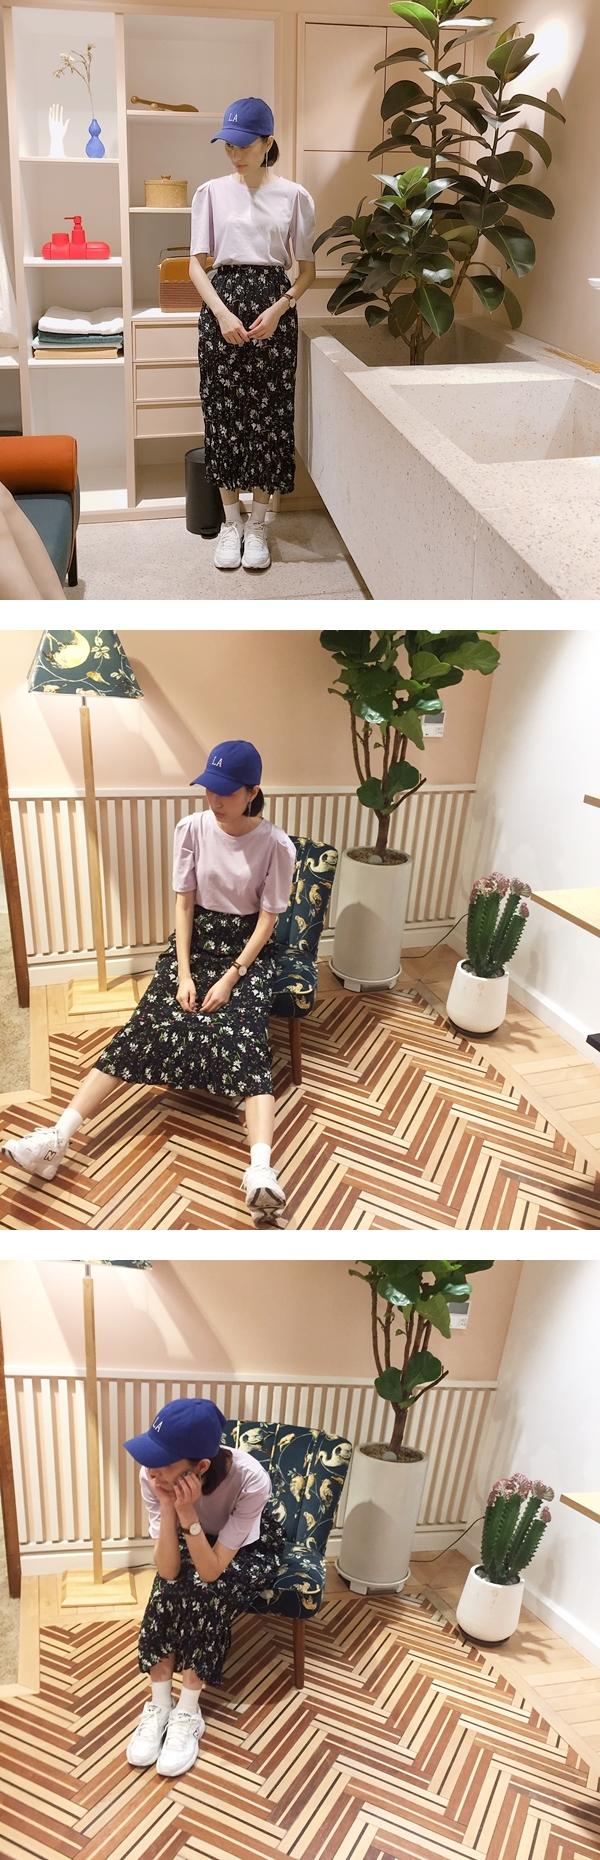 阿干165/ 47  MIT 簡單素面澎袖短袖上衣 + 未來新品裙